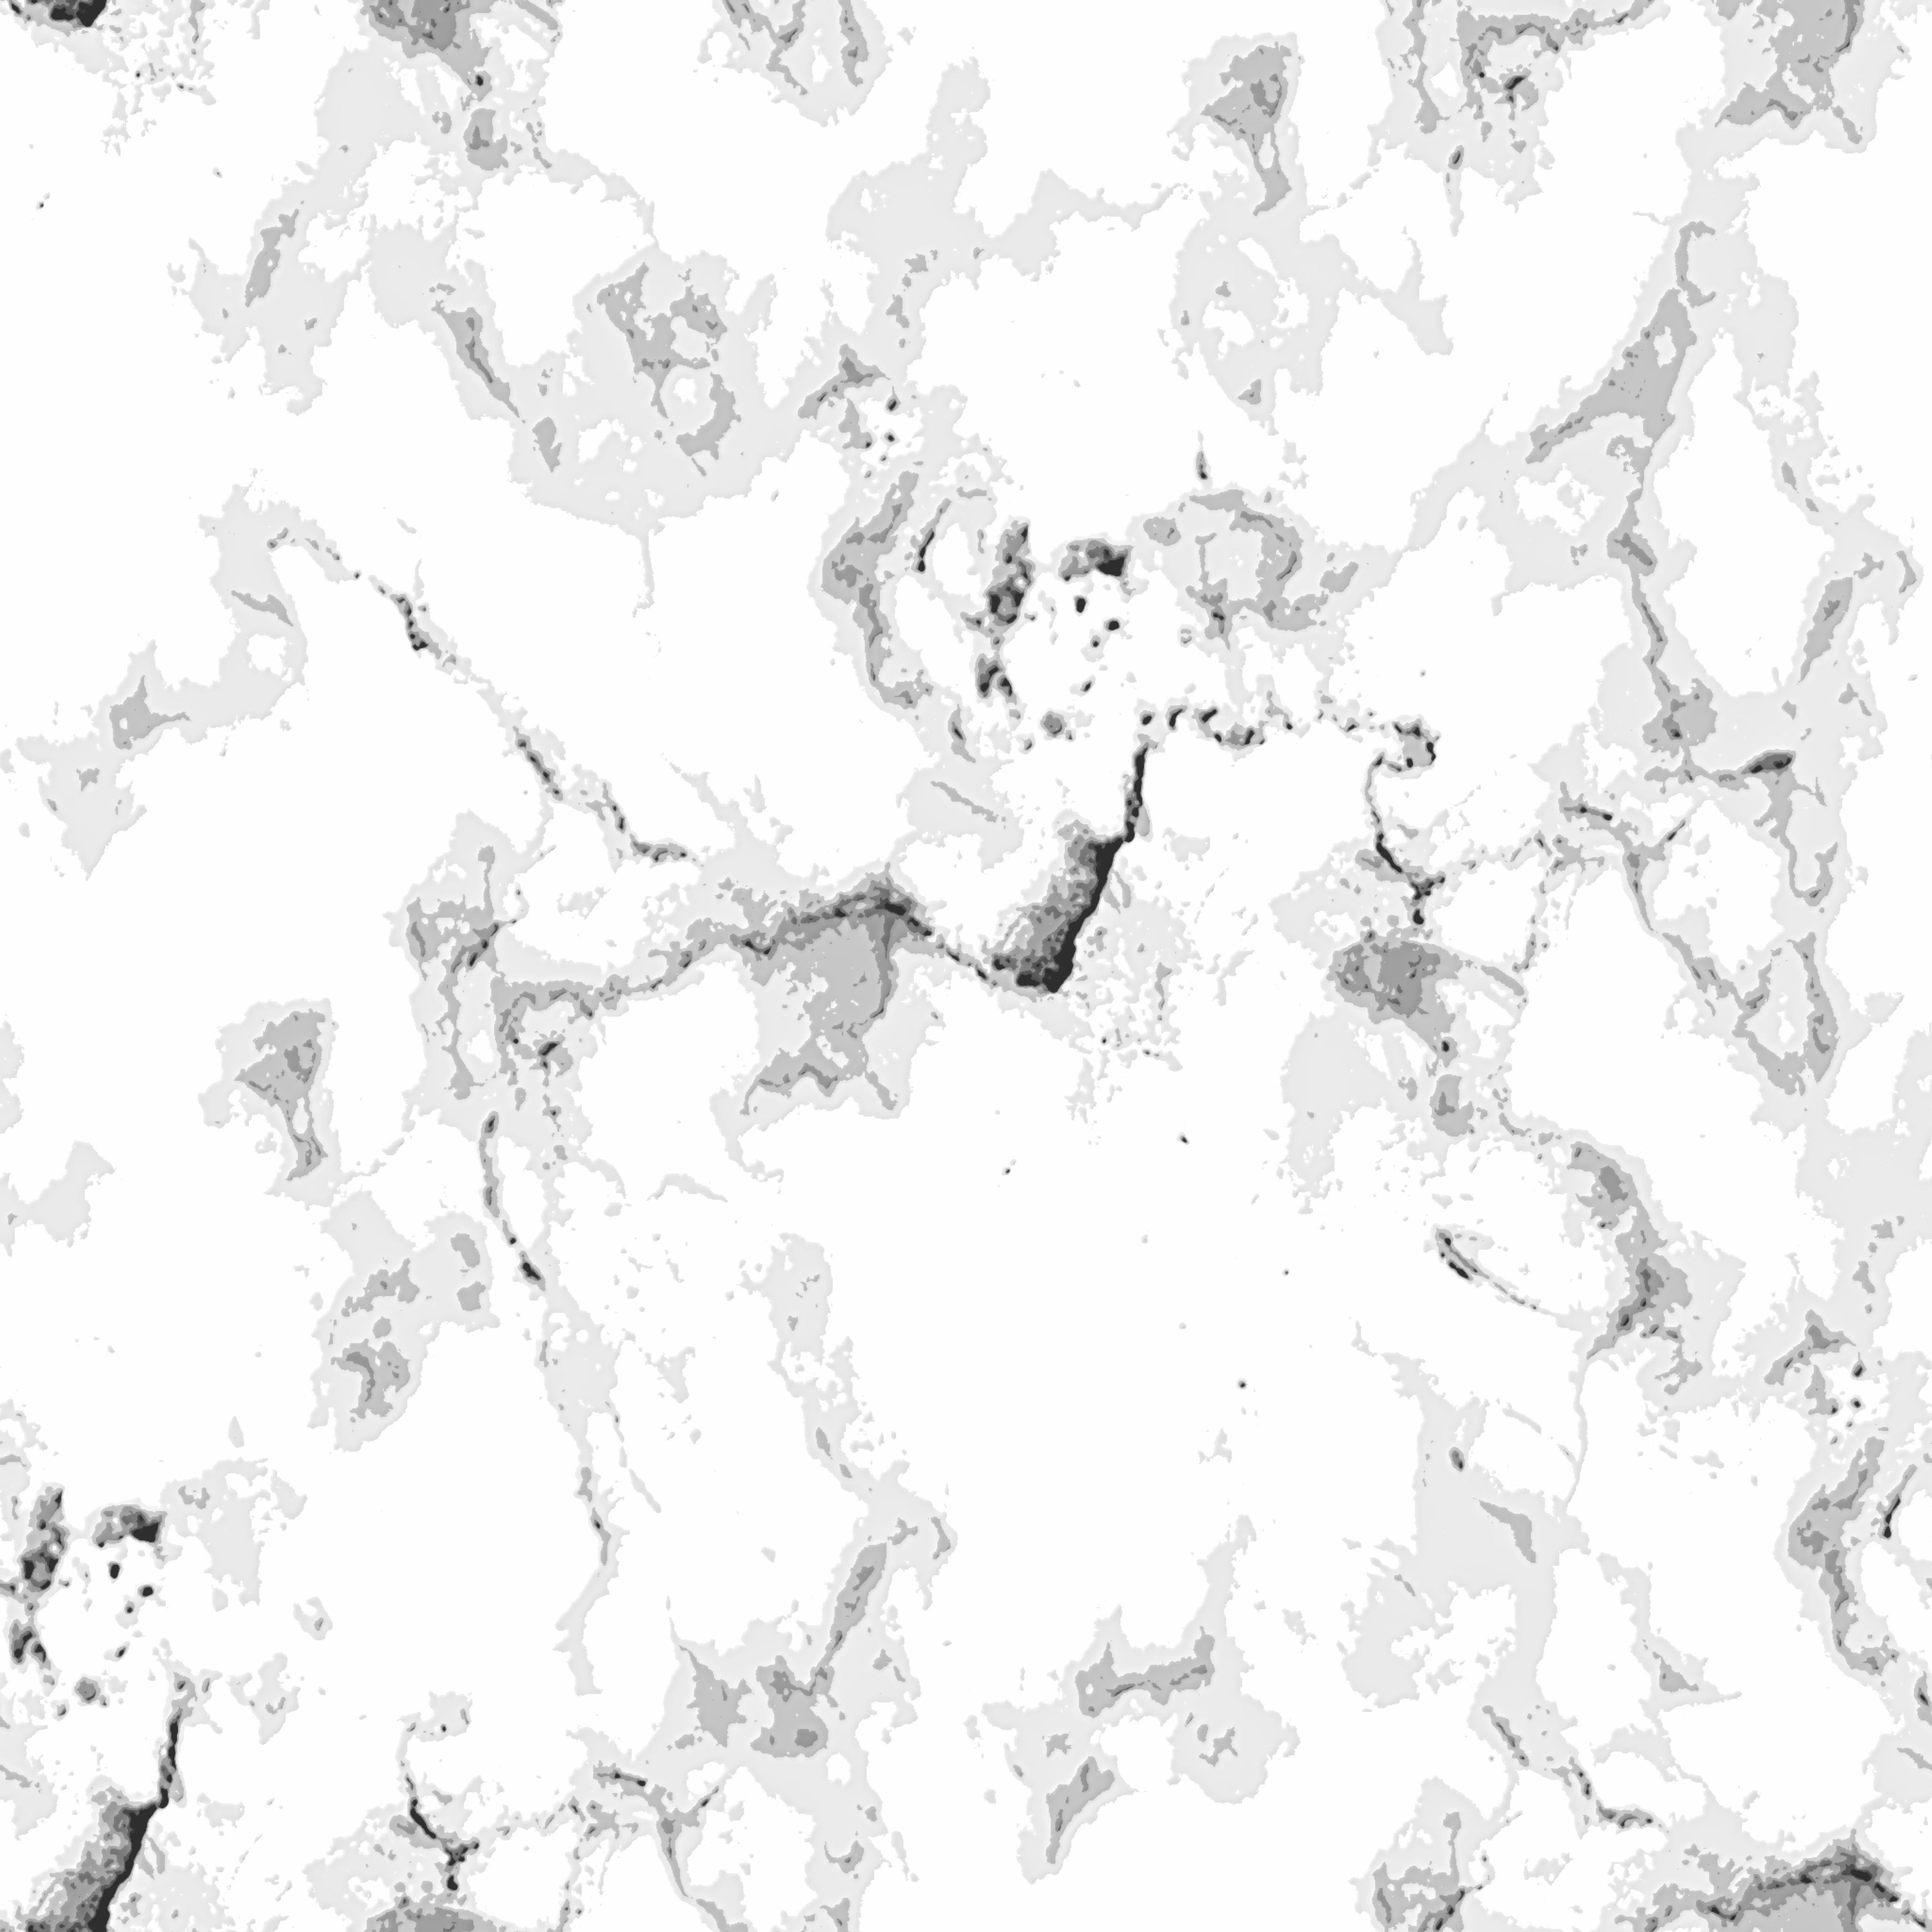 4k Seamless White Marble Stone Textures Public Domain